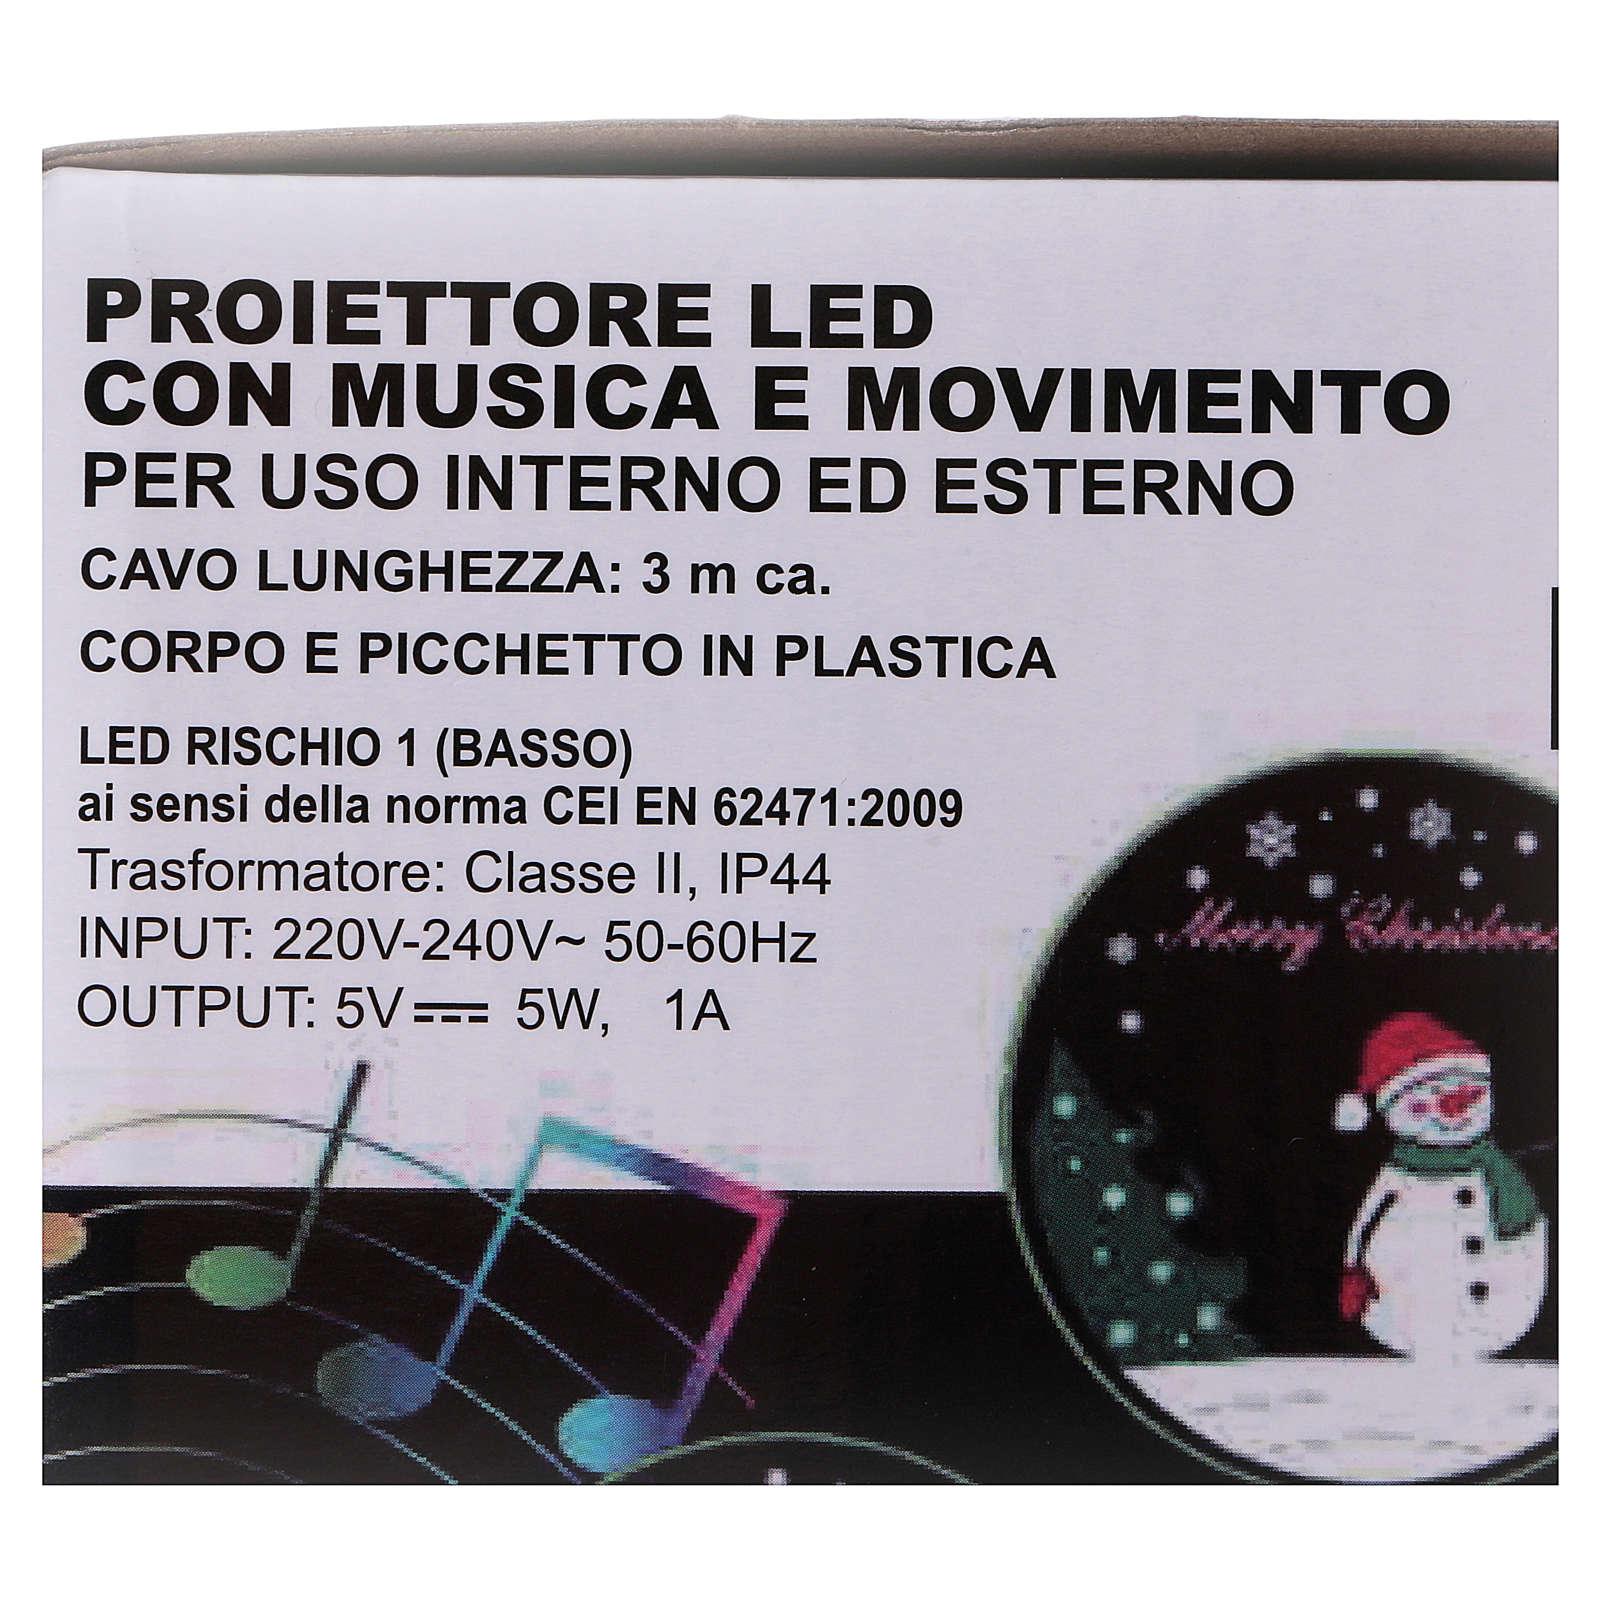 Proiettore Led Babbo movimento e musica 3